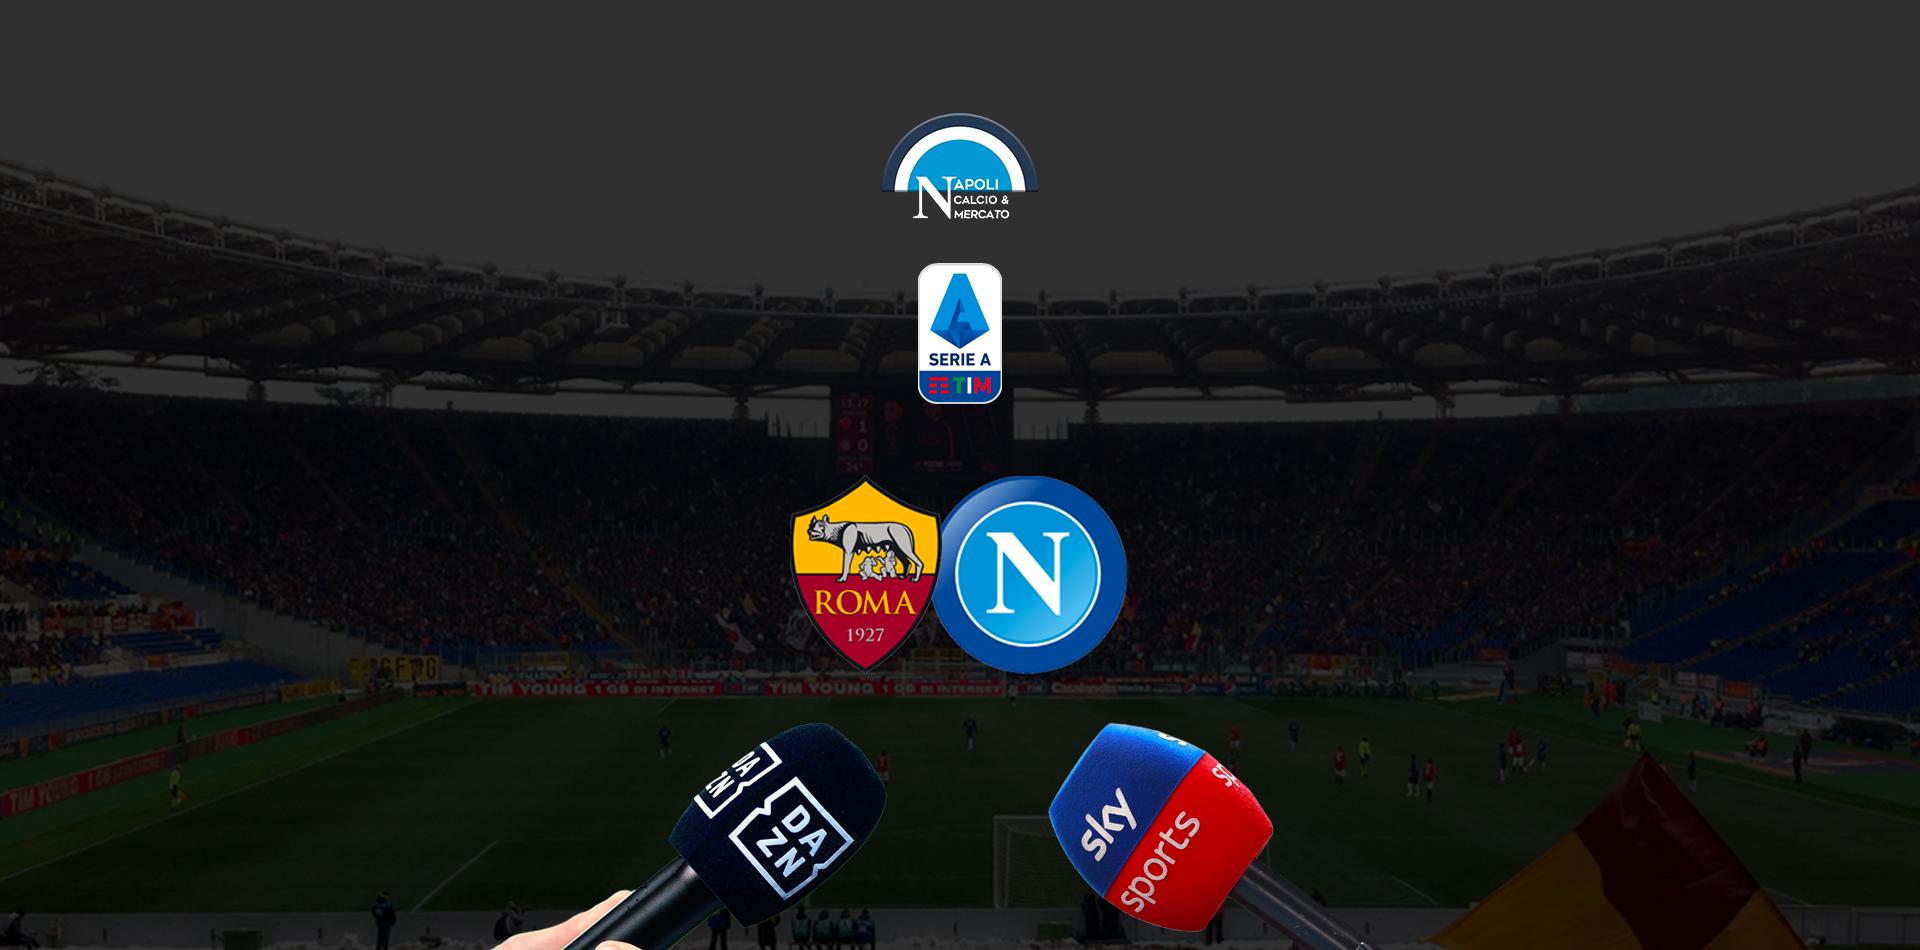 dove vedere roma napoli dove vederla in tv diretta streaming sky o dazn serie a gratis sscnapoli